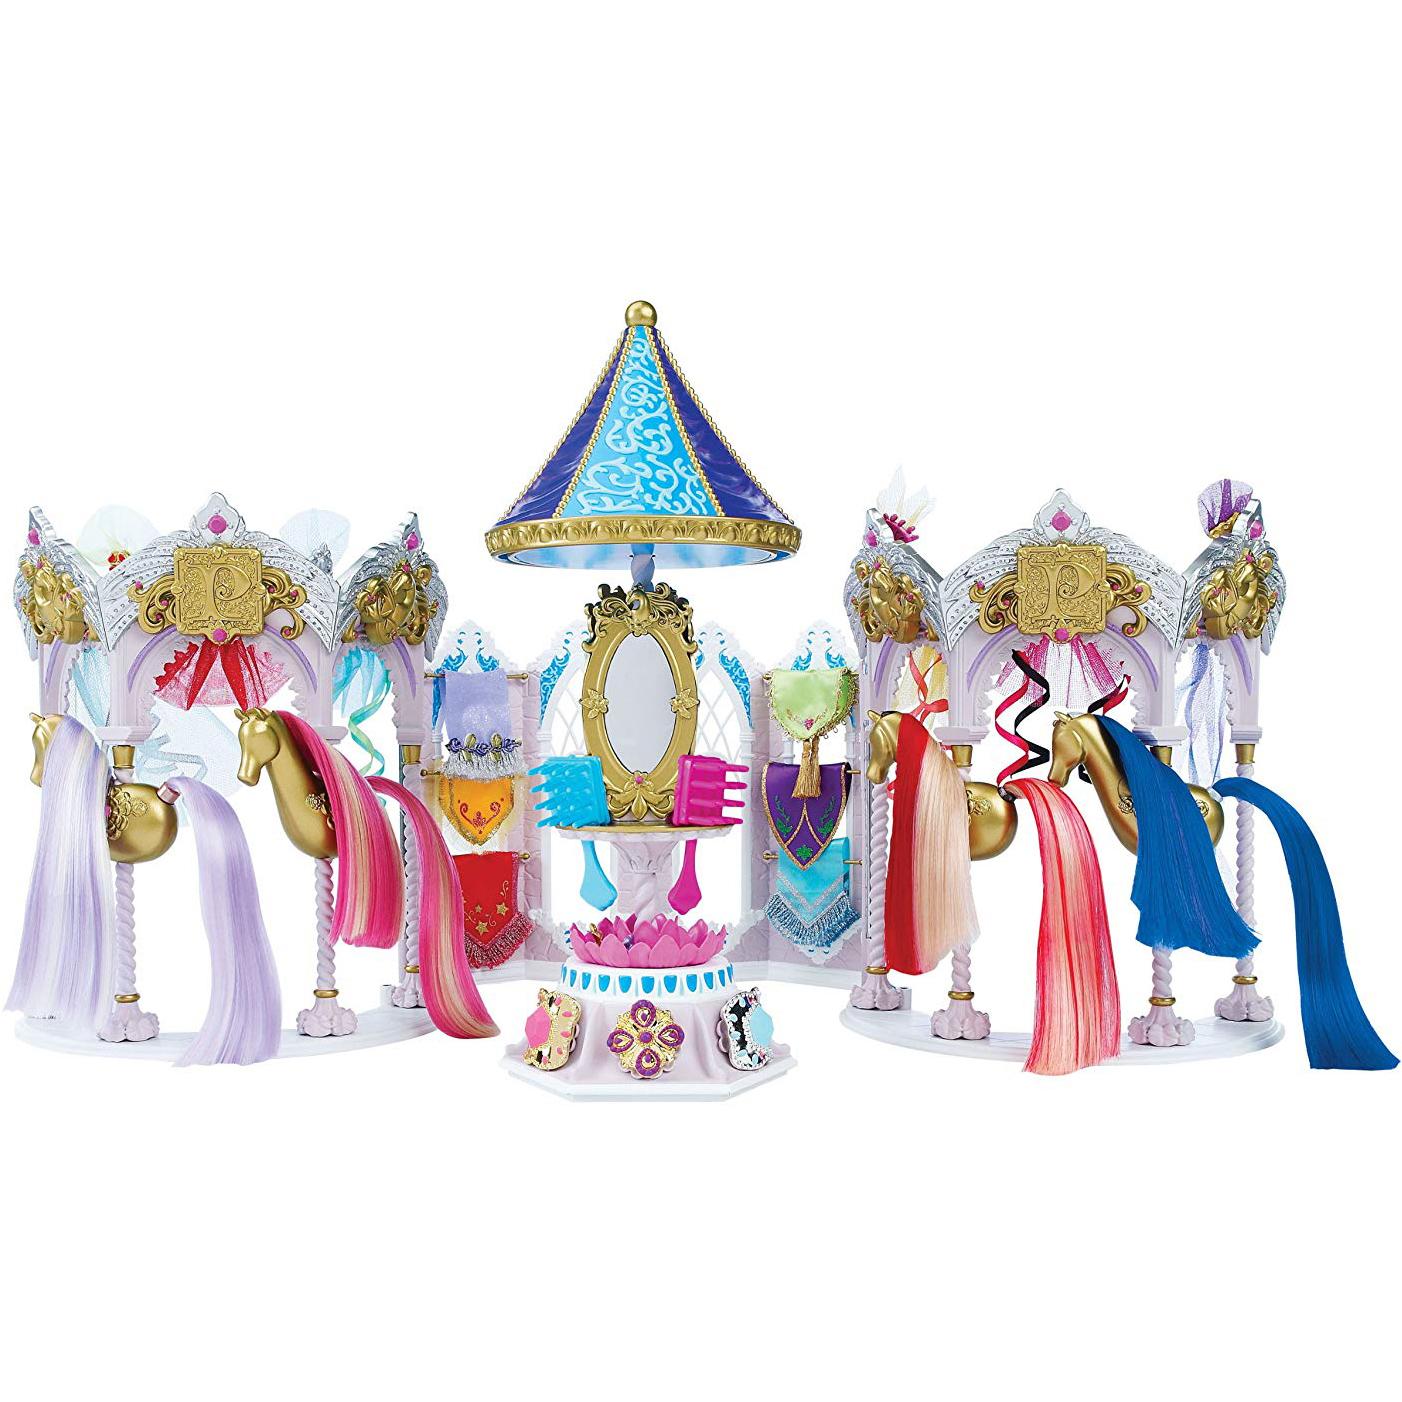 Игровой набор Pony Royale Волшебная карусель и пони Принцесса Солнечный луч фото